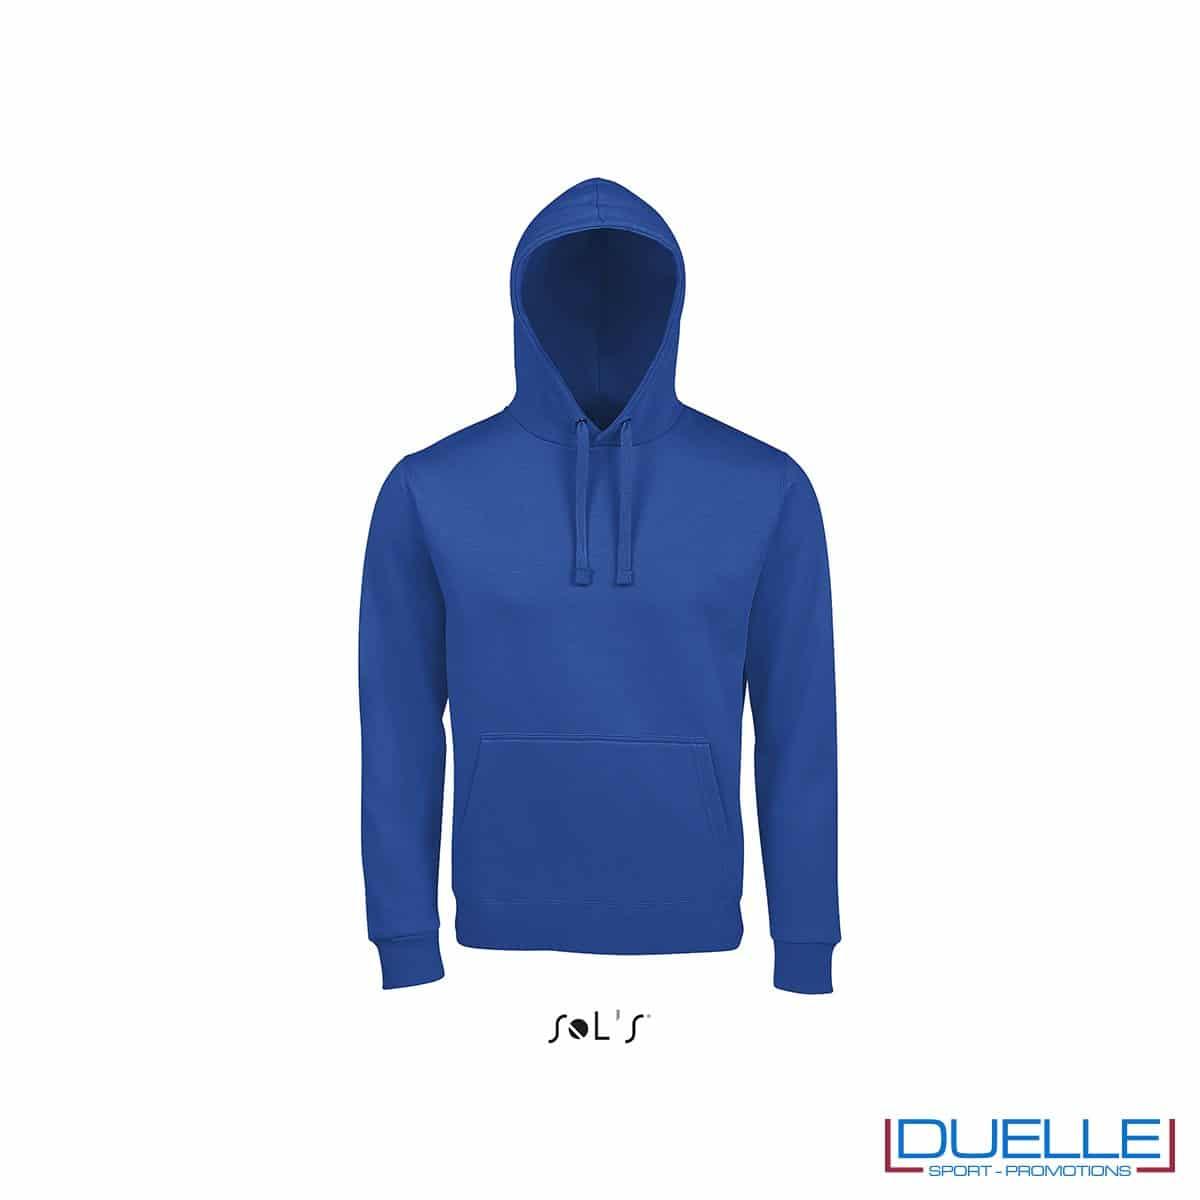 Felpa unisex con cappuccio personalizzata colore blu royal